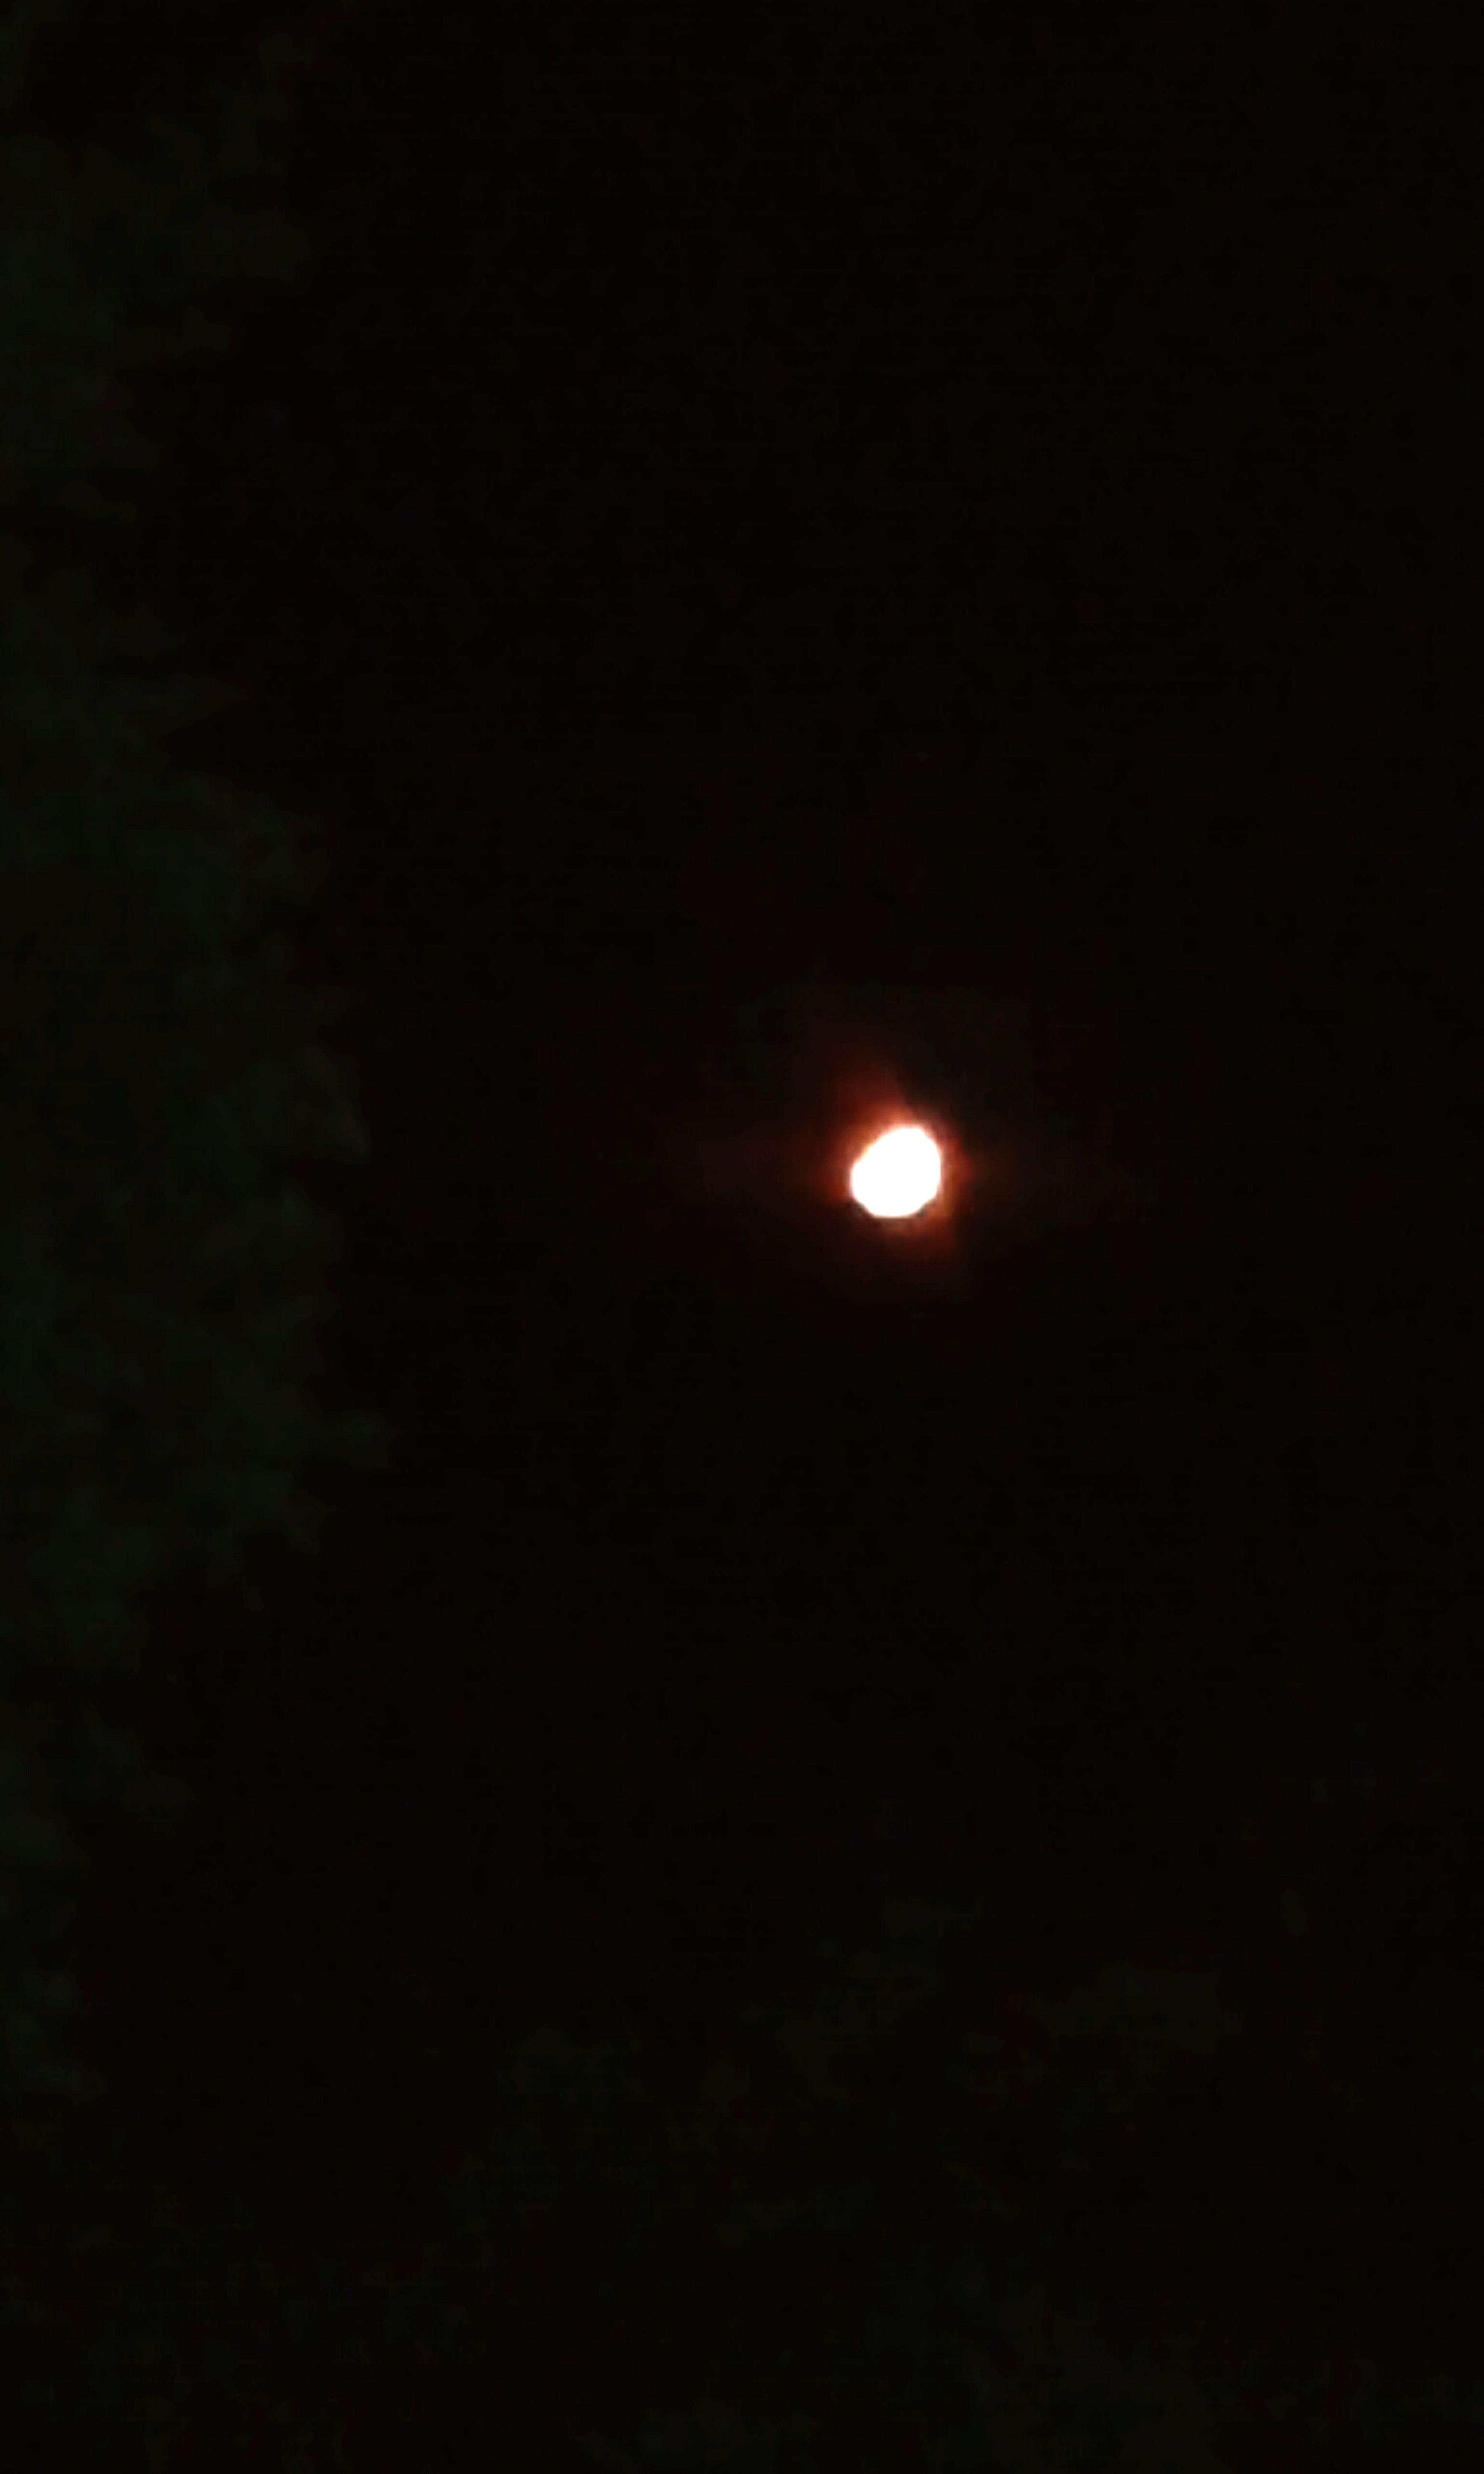 Ontem a lua mais que linda *-* ♥